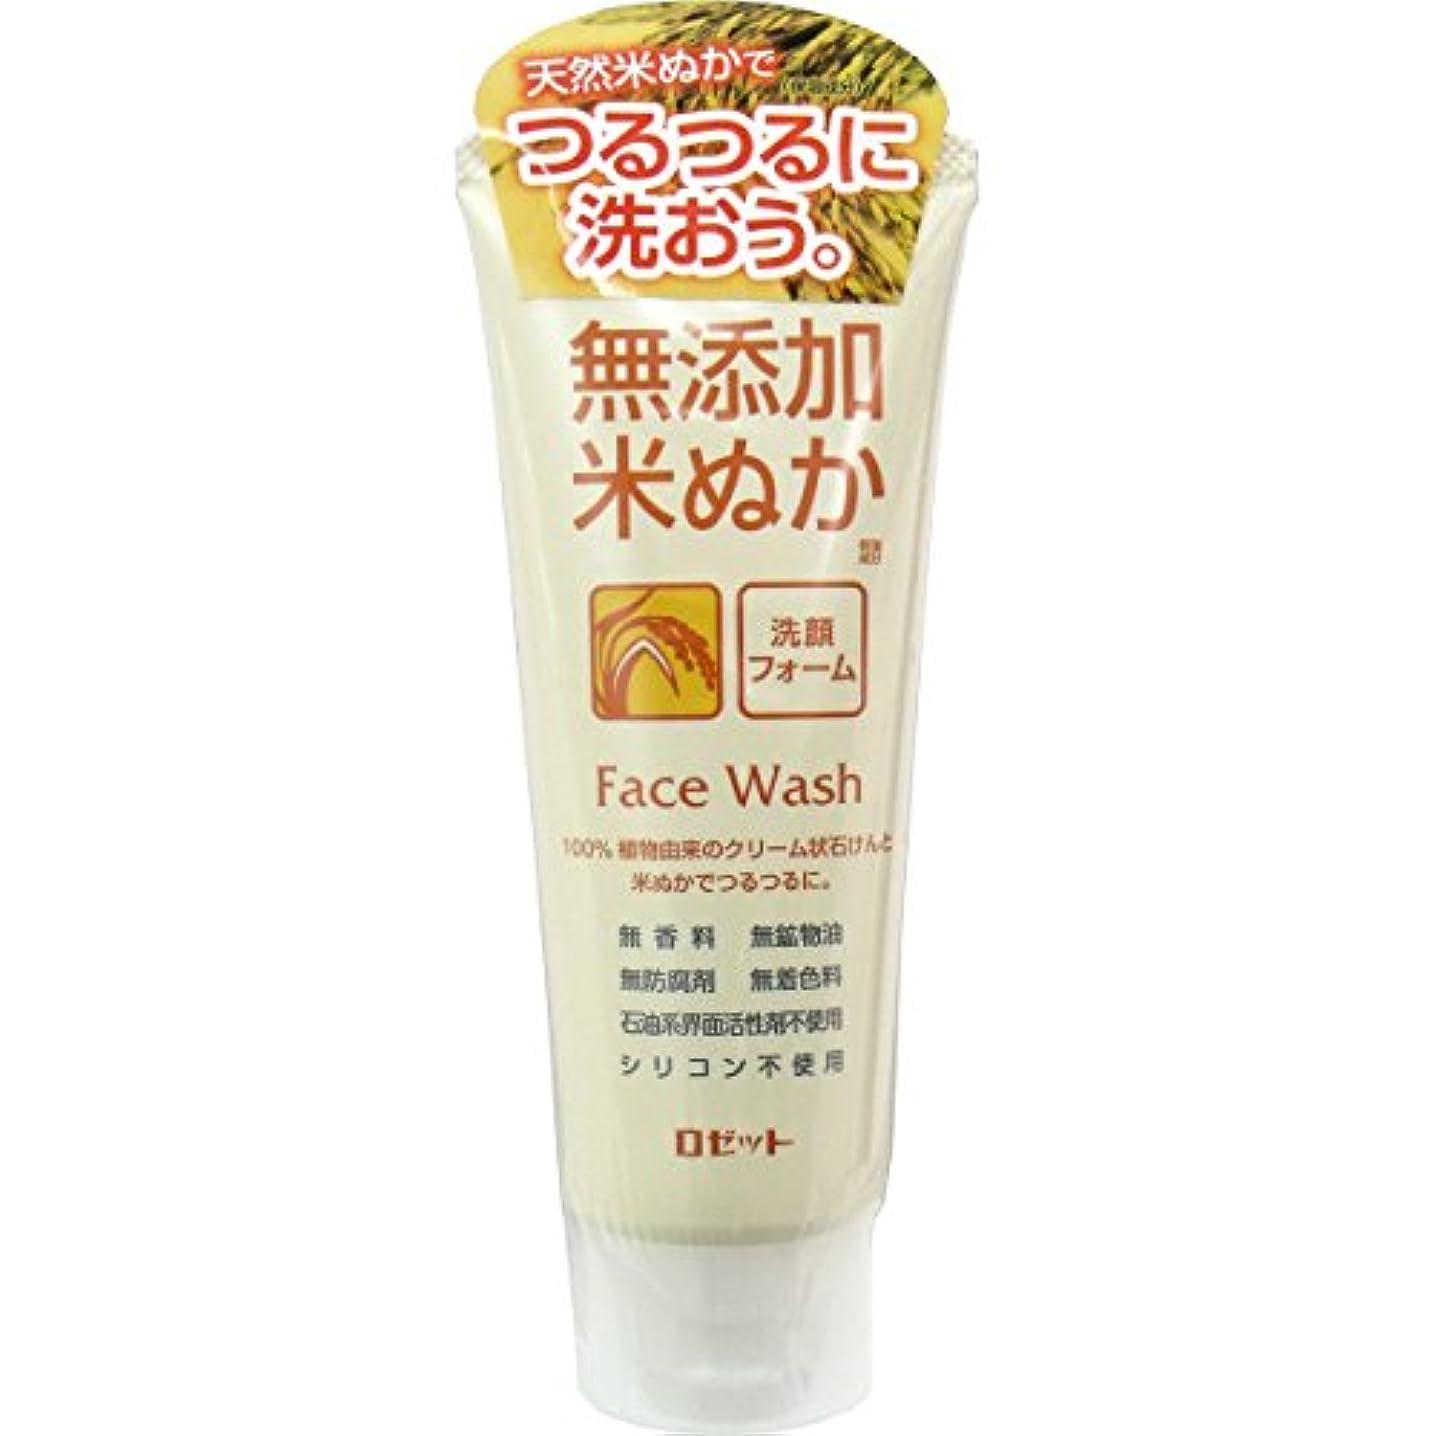 膿瘍近々しみ【ロゼット】無添加米ぬか洗顔フォーム 140g ×20個セット